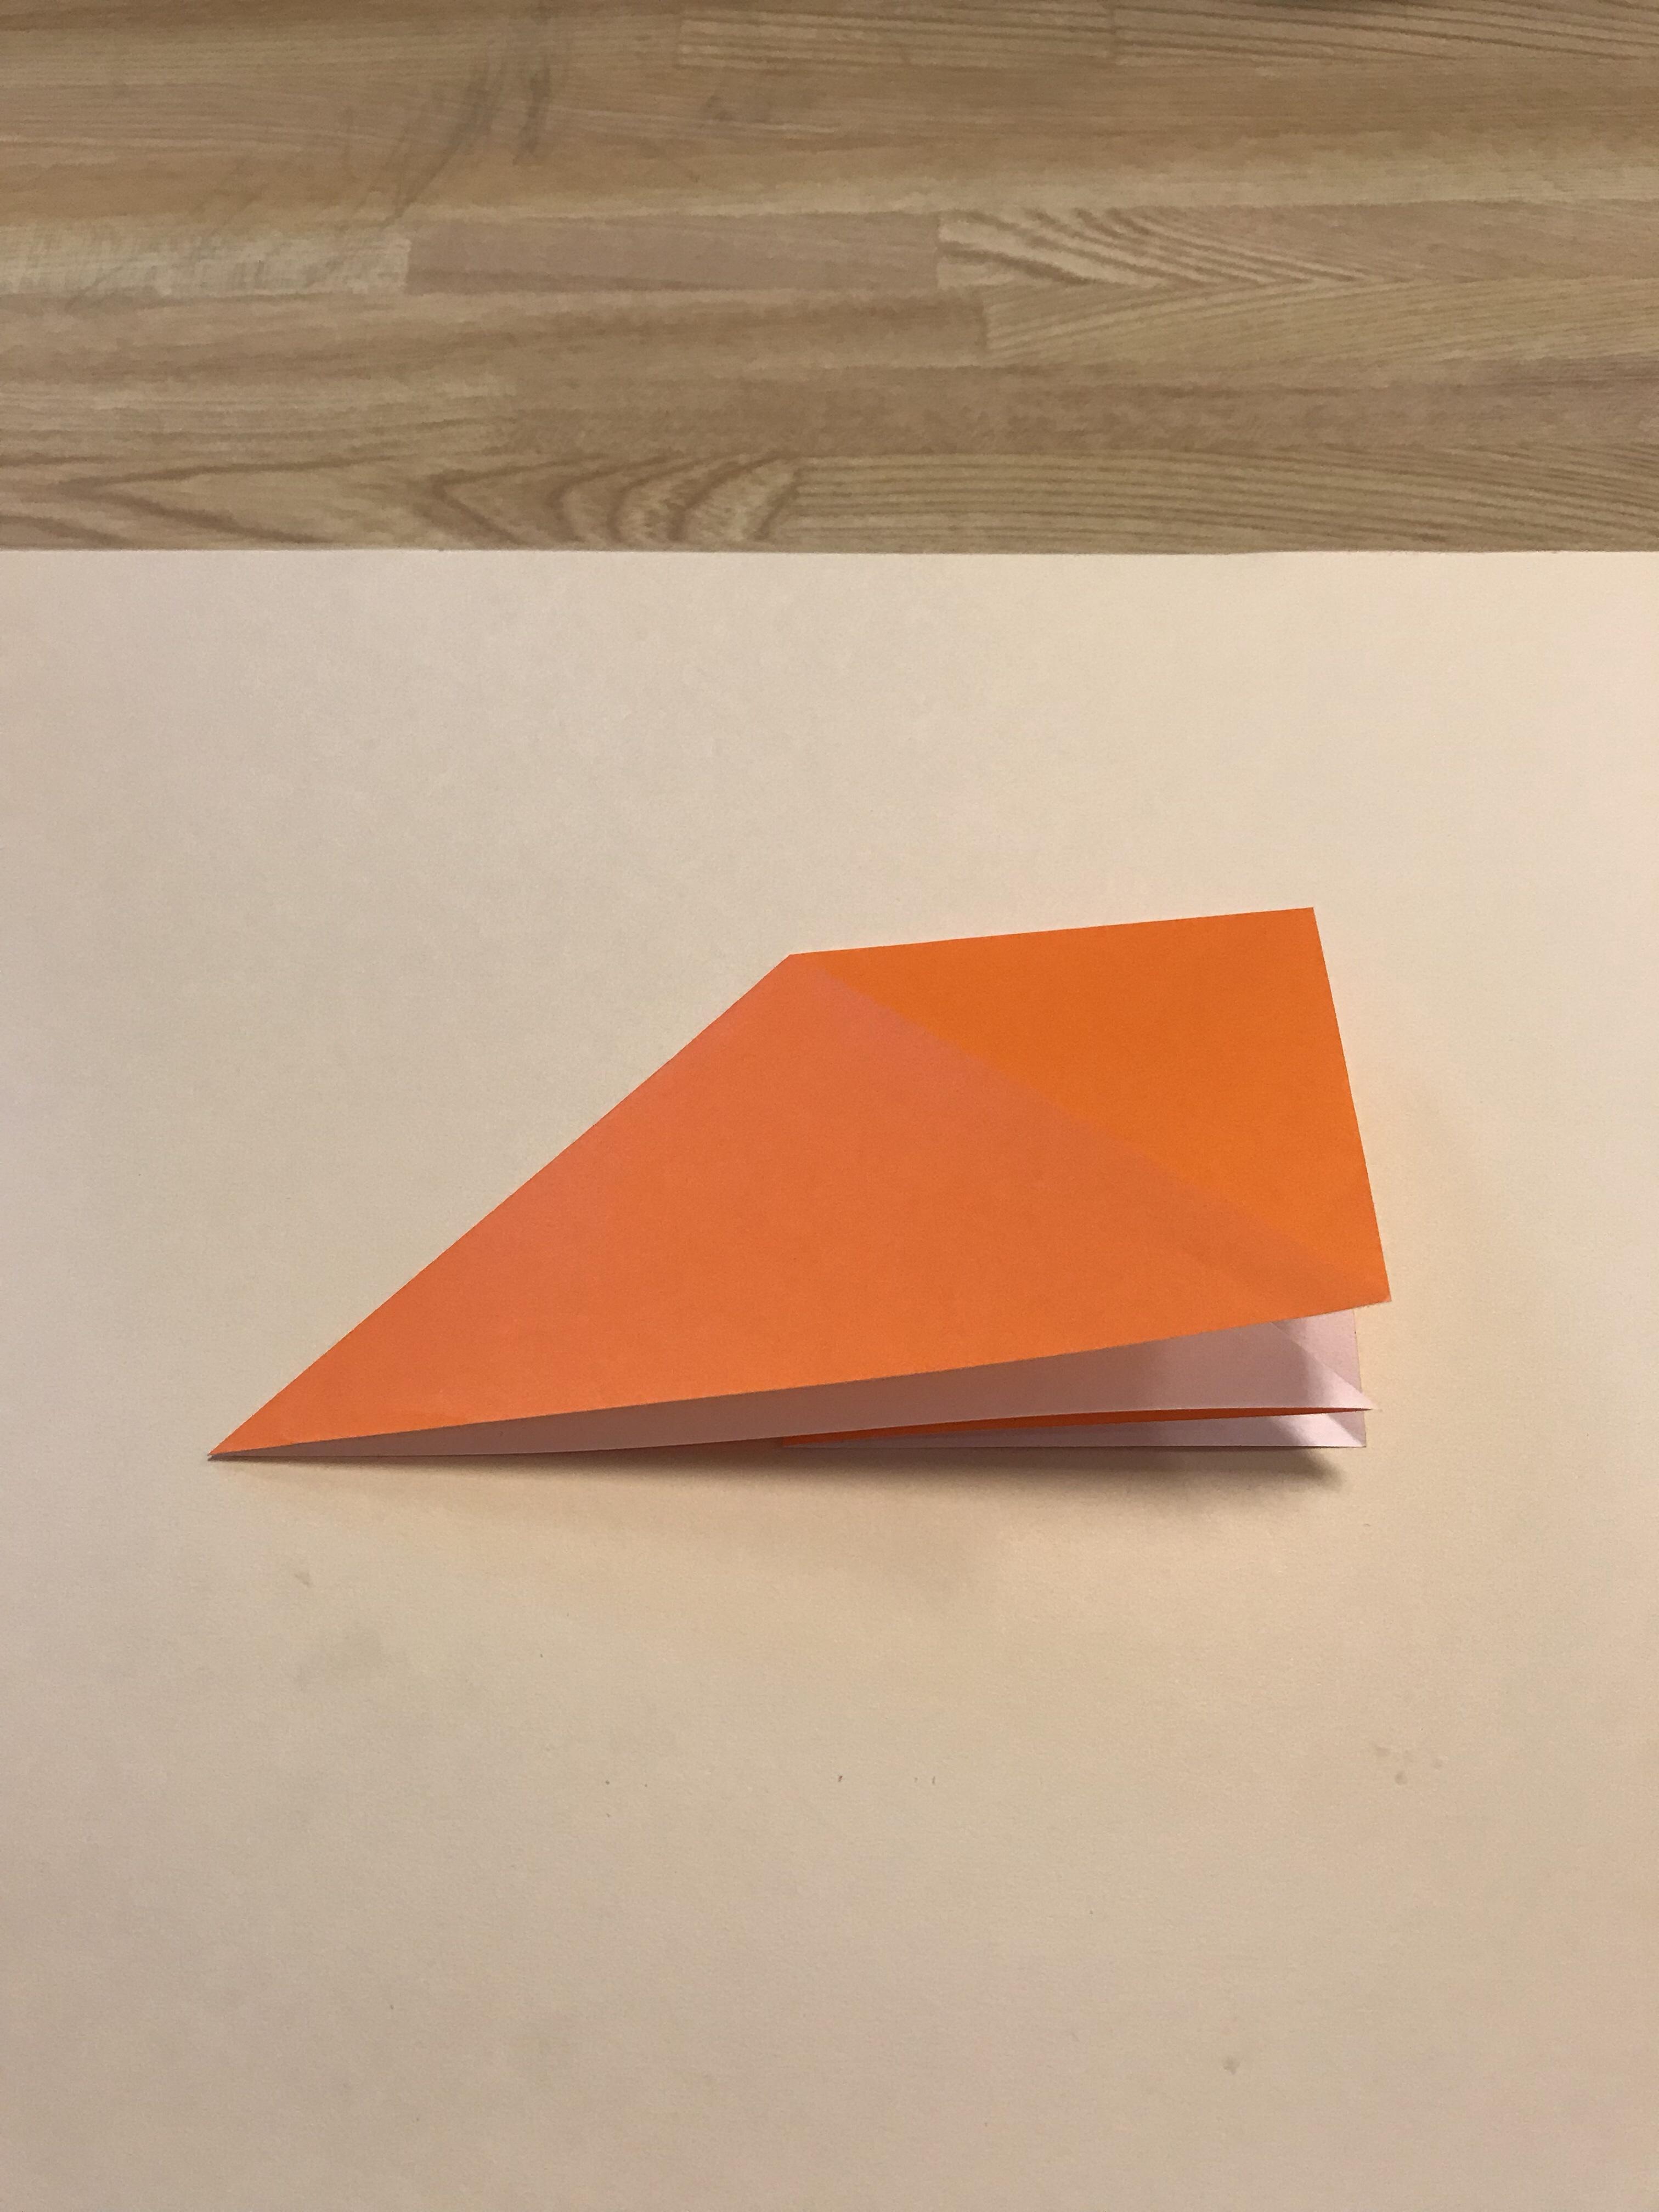 裏返して、裏側も四角を作ろうとする図